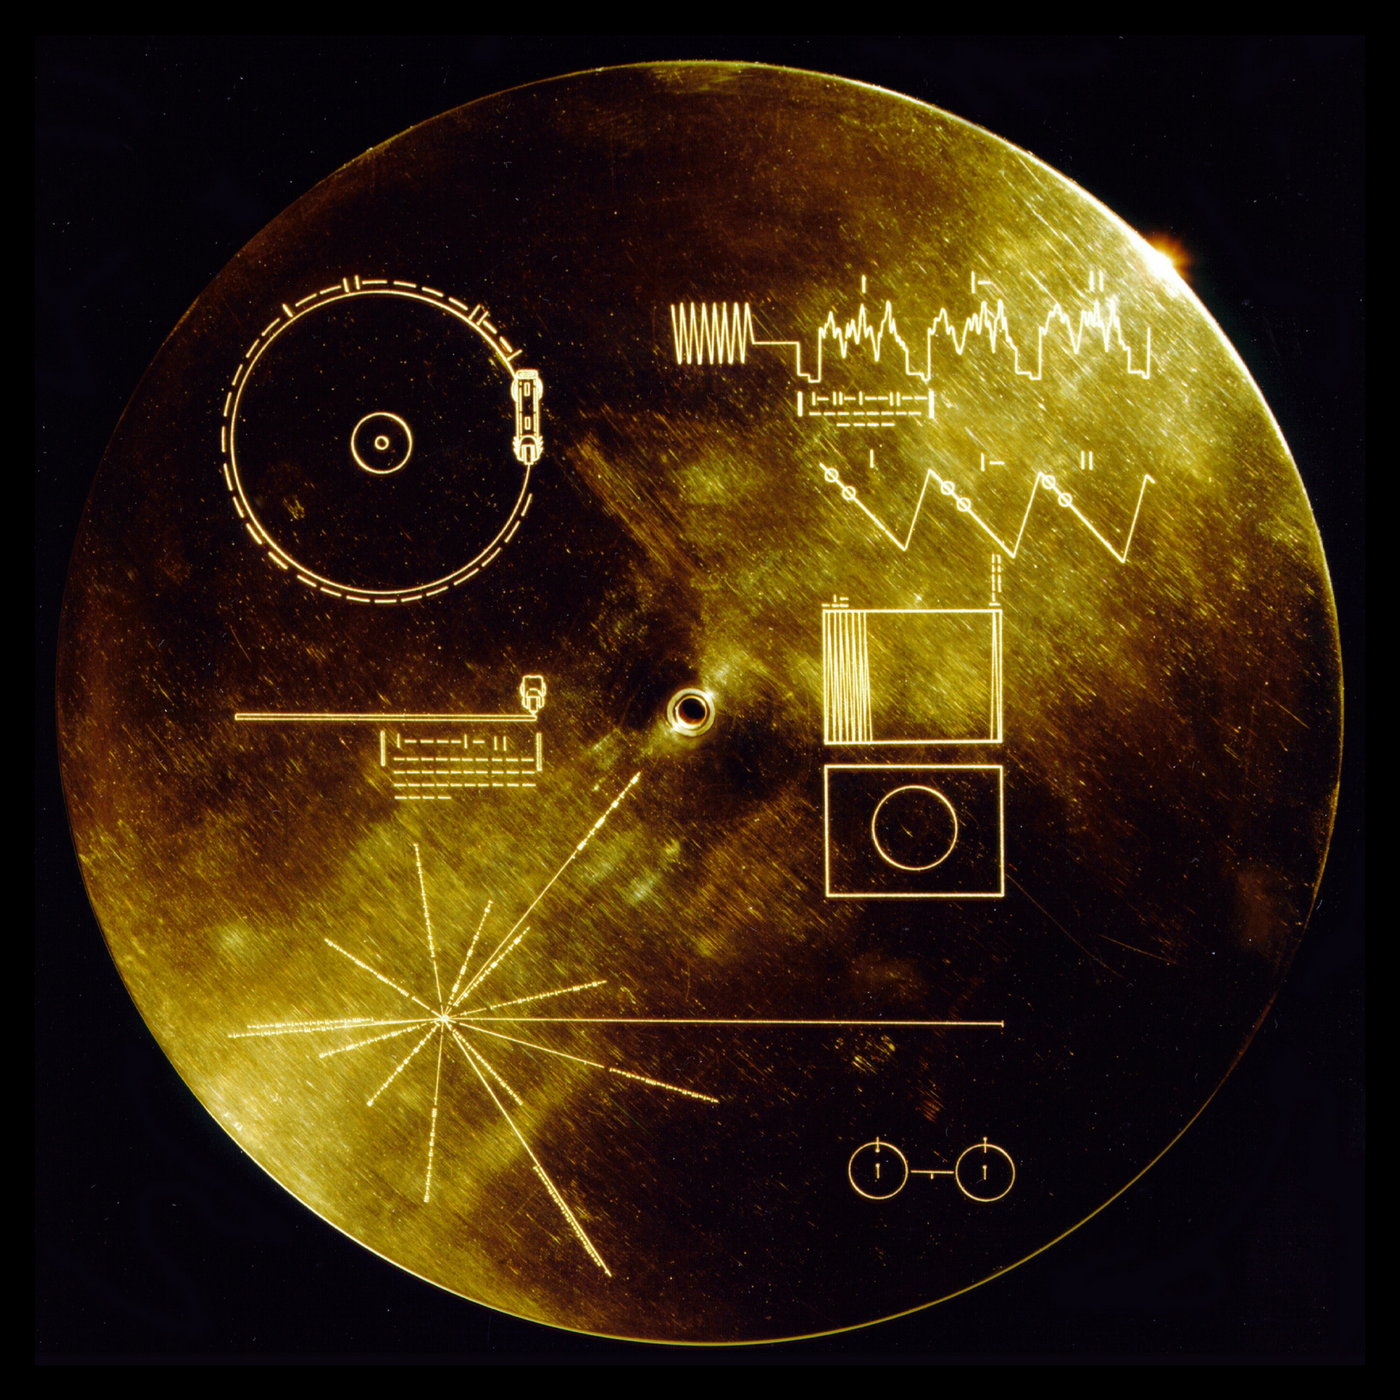 Caption: NASA's Golden Record, Credit: NASA